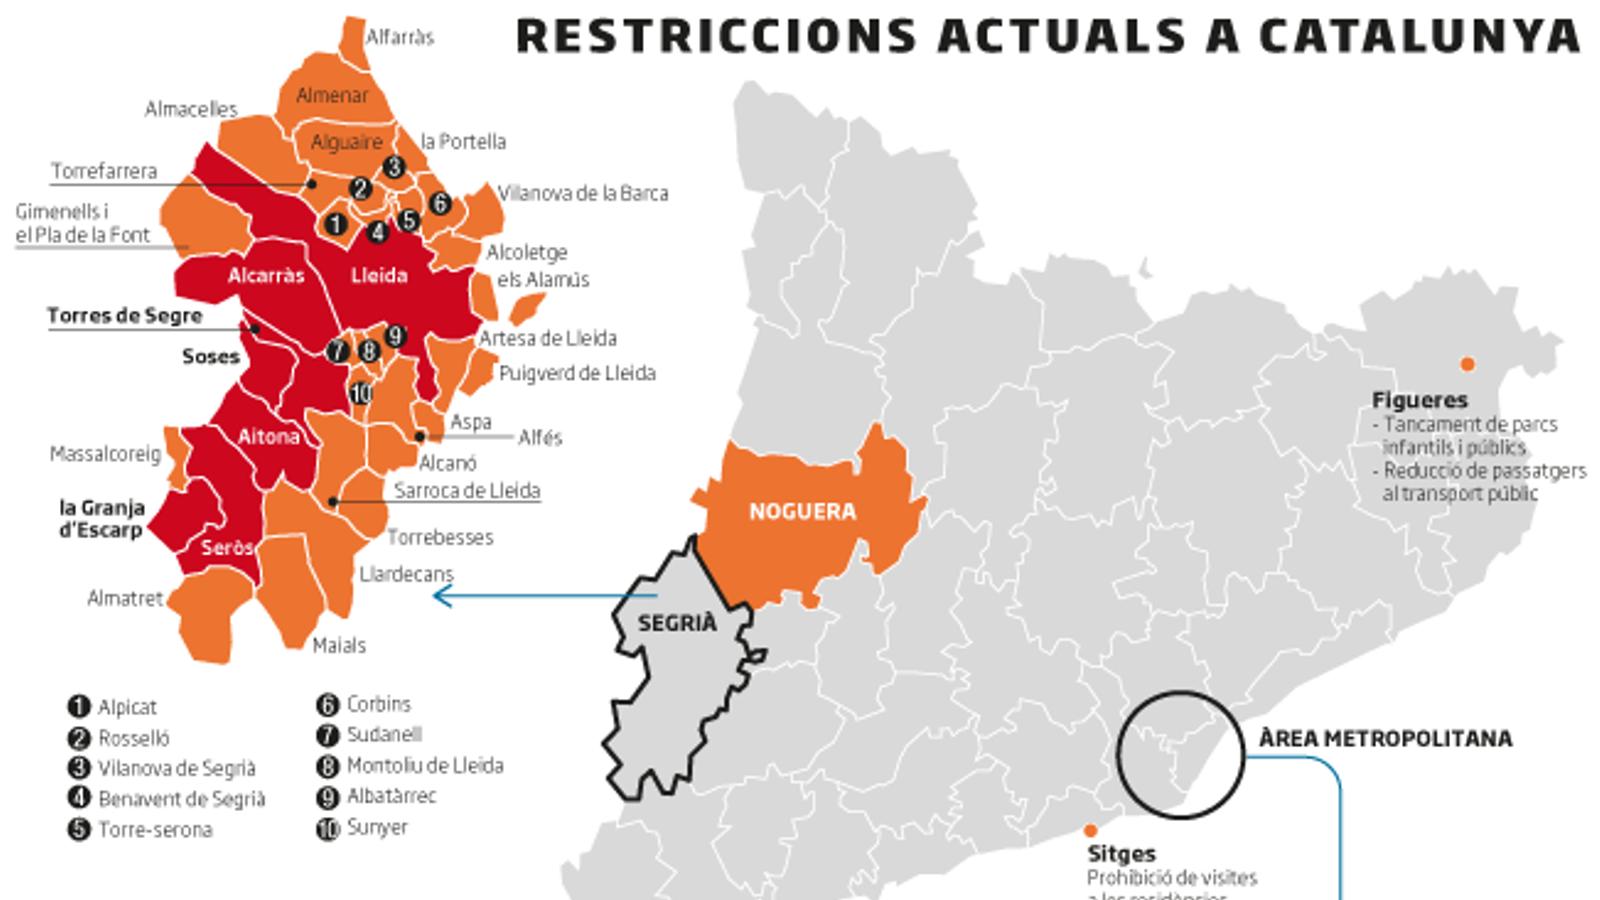 Restriccions actuals a Catalunya